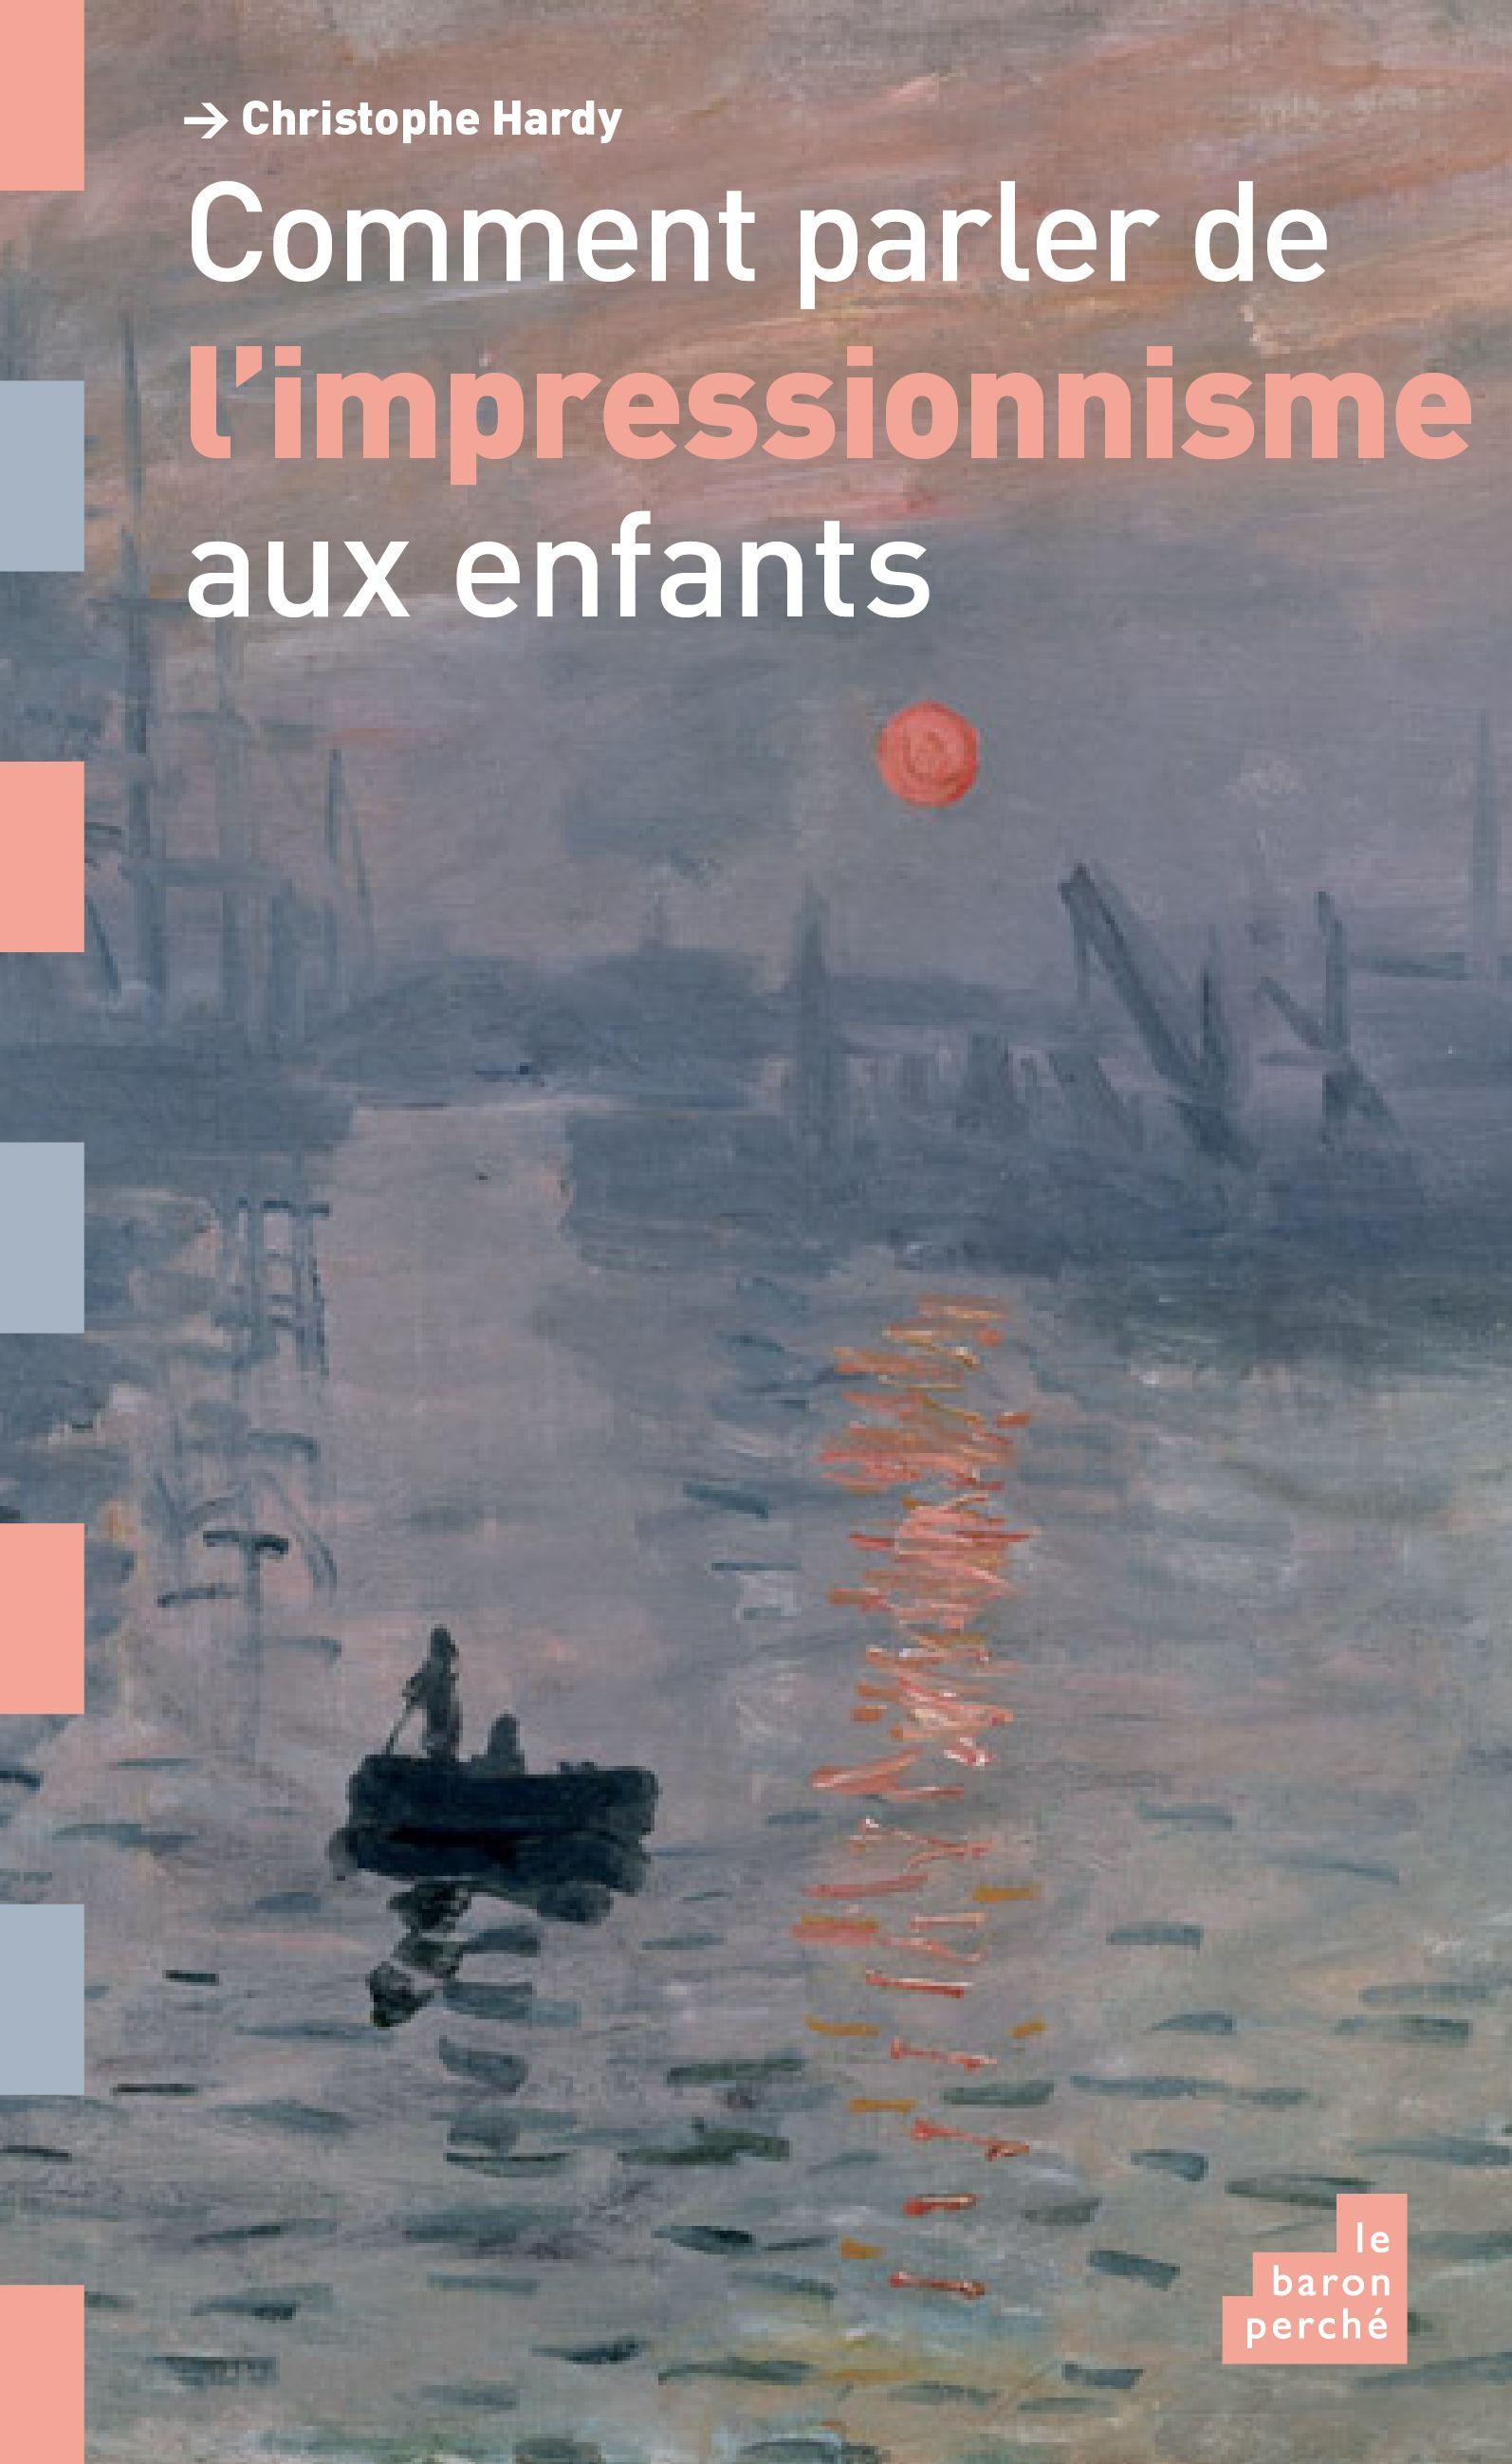 Comment parler de l'impressionnisme aux enfants - Christophe Hardy